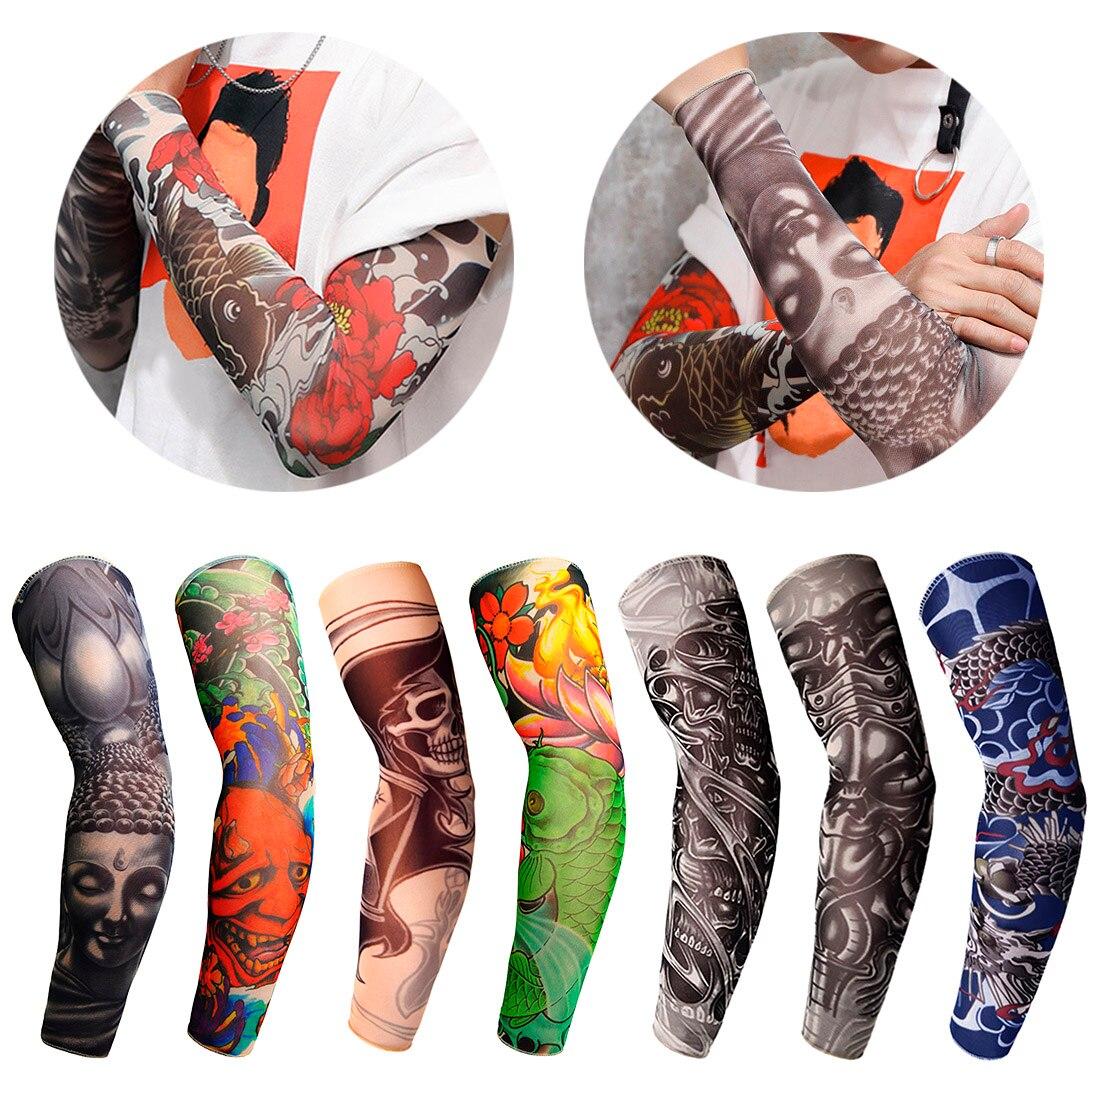 1 Pc Nylon Tatoo Arm Strümpfe Arm Wärmer Abdeckung Elastische Gefälschte Temporäre Tattoo Ärmel Für Männer Frauen Neue Ankunft Tattoo Hülse